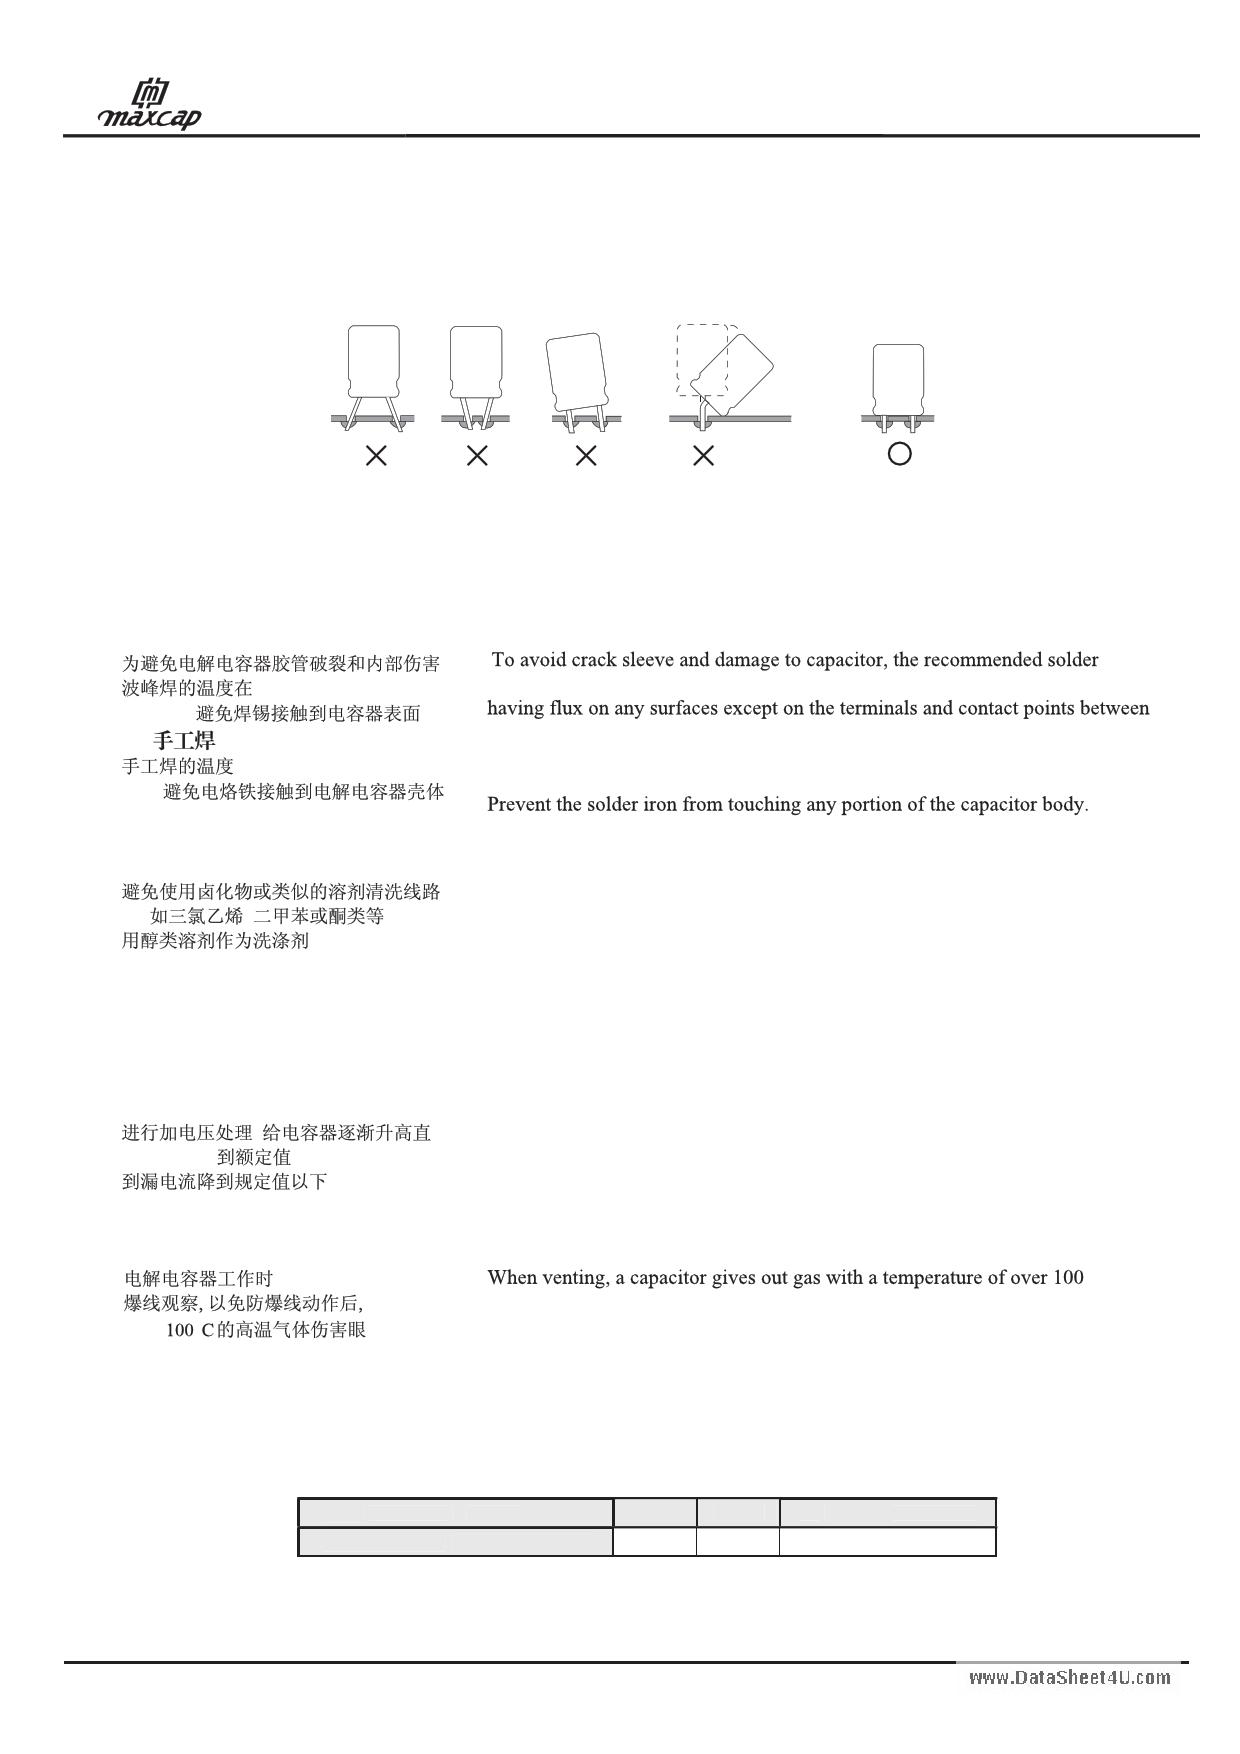 E050225M 전자부품, 판매, 대치품